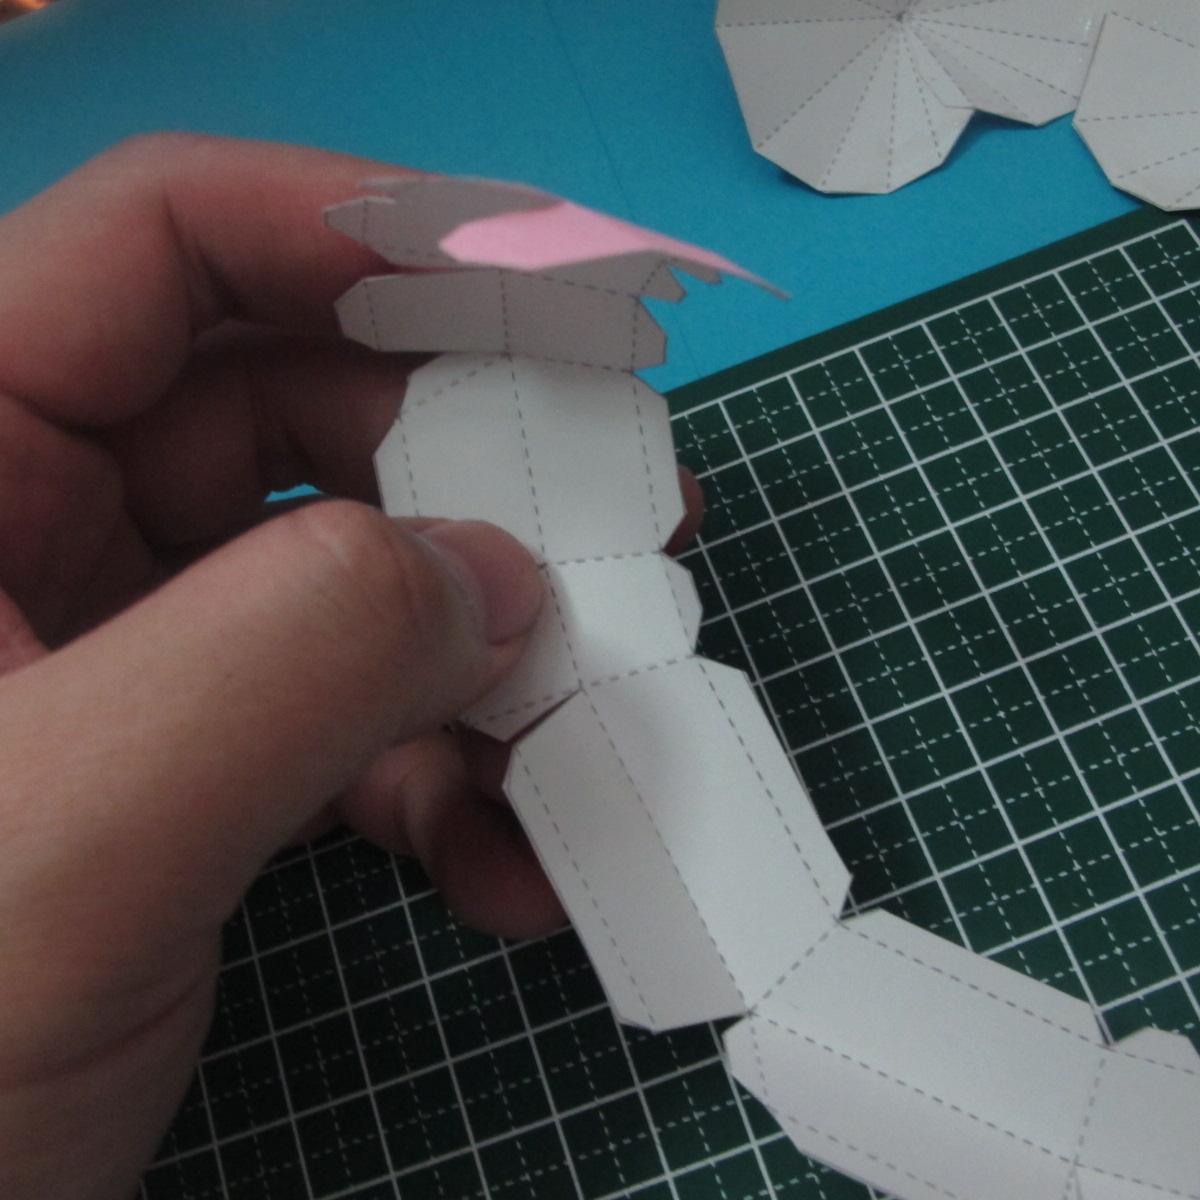 วิธีทำของเล่นโมเดลกระดาษรูปหัวใจ 007